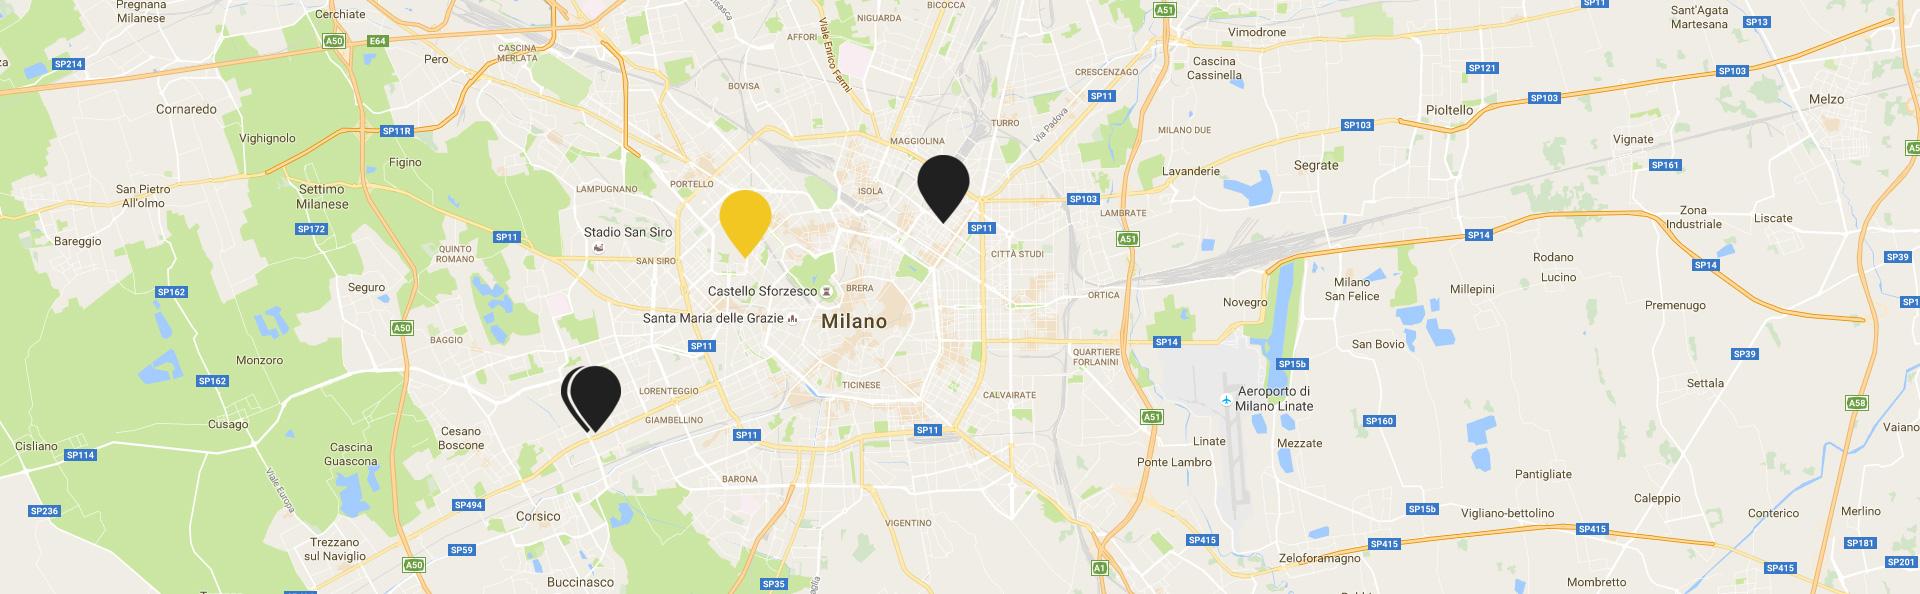 joebee_map